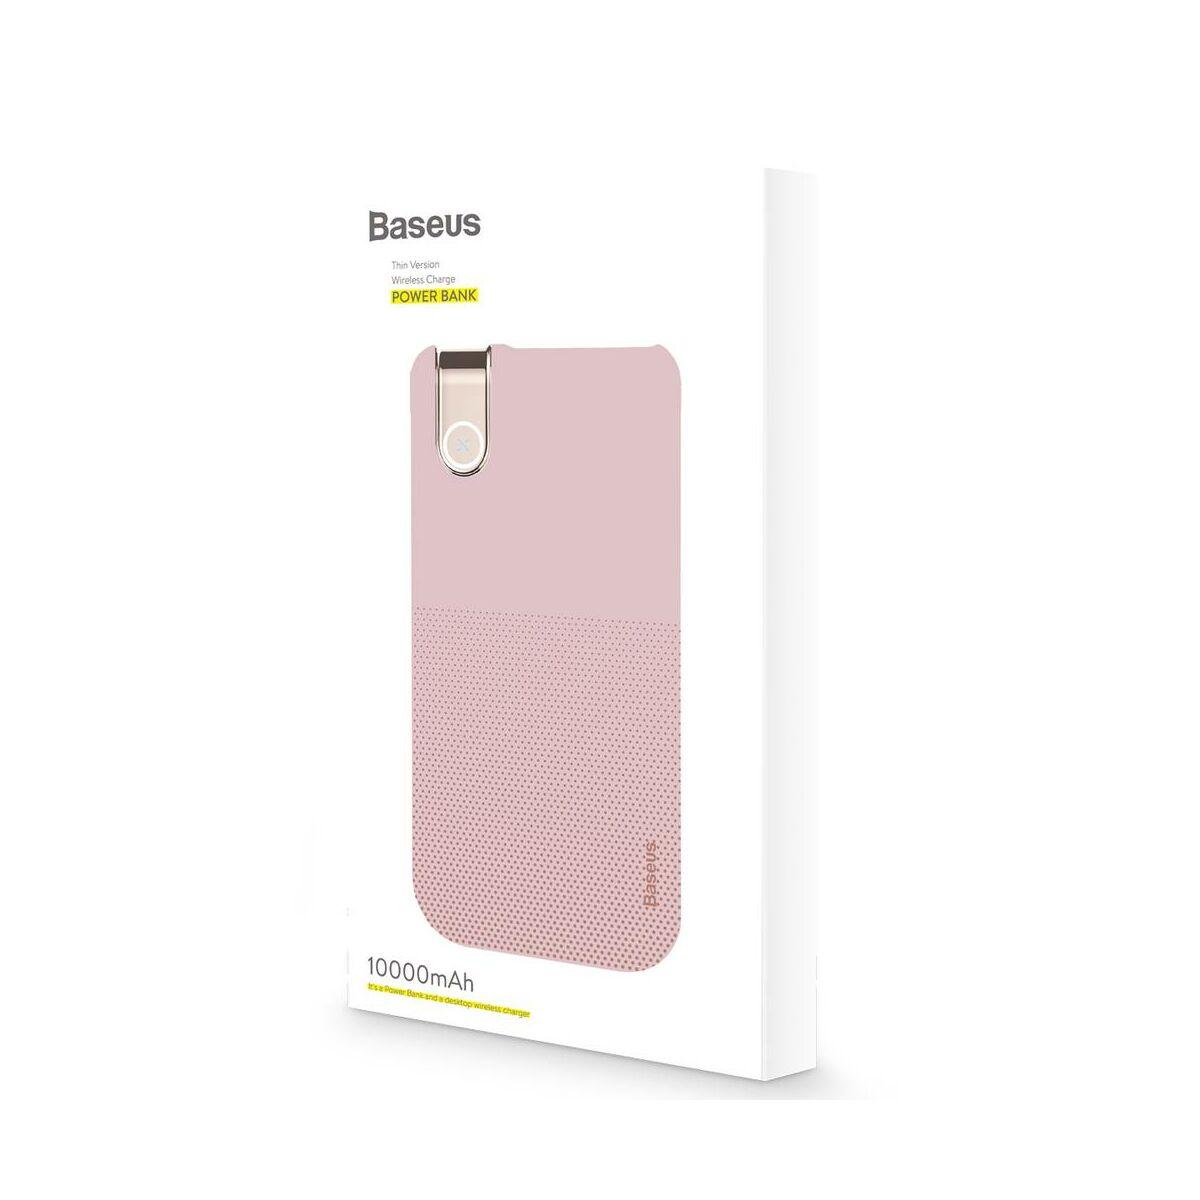 Baseus Power Bank vezeték nélküli töltés Thin Version (Type-C bemenet / USB kimenet), 2.1A, 10.000 mAh, rózsaszín (PPALL-QY04)